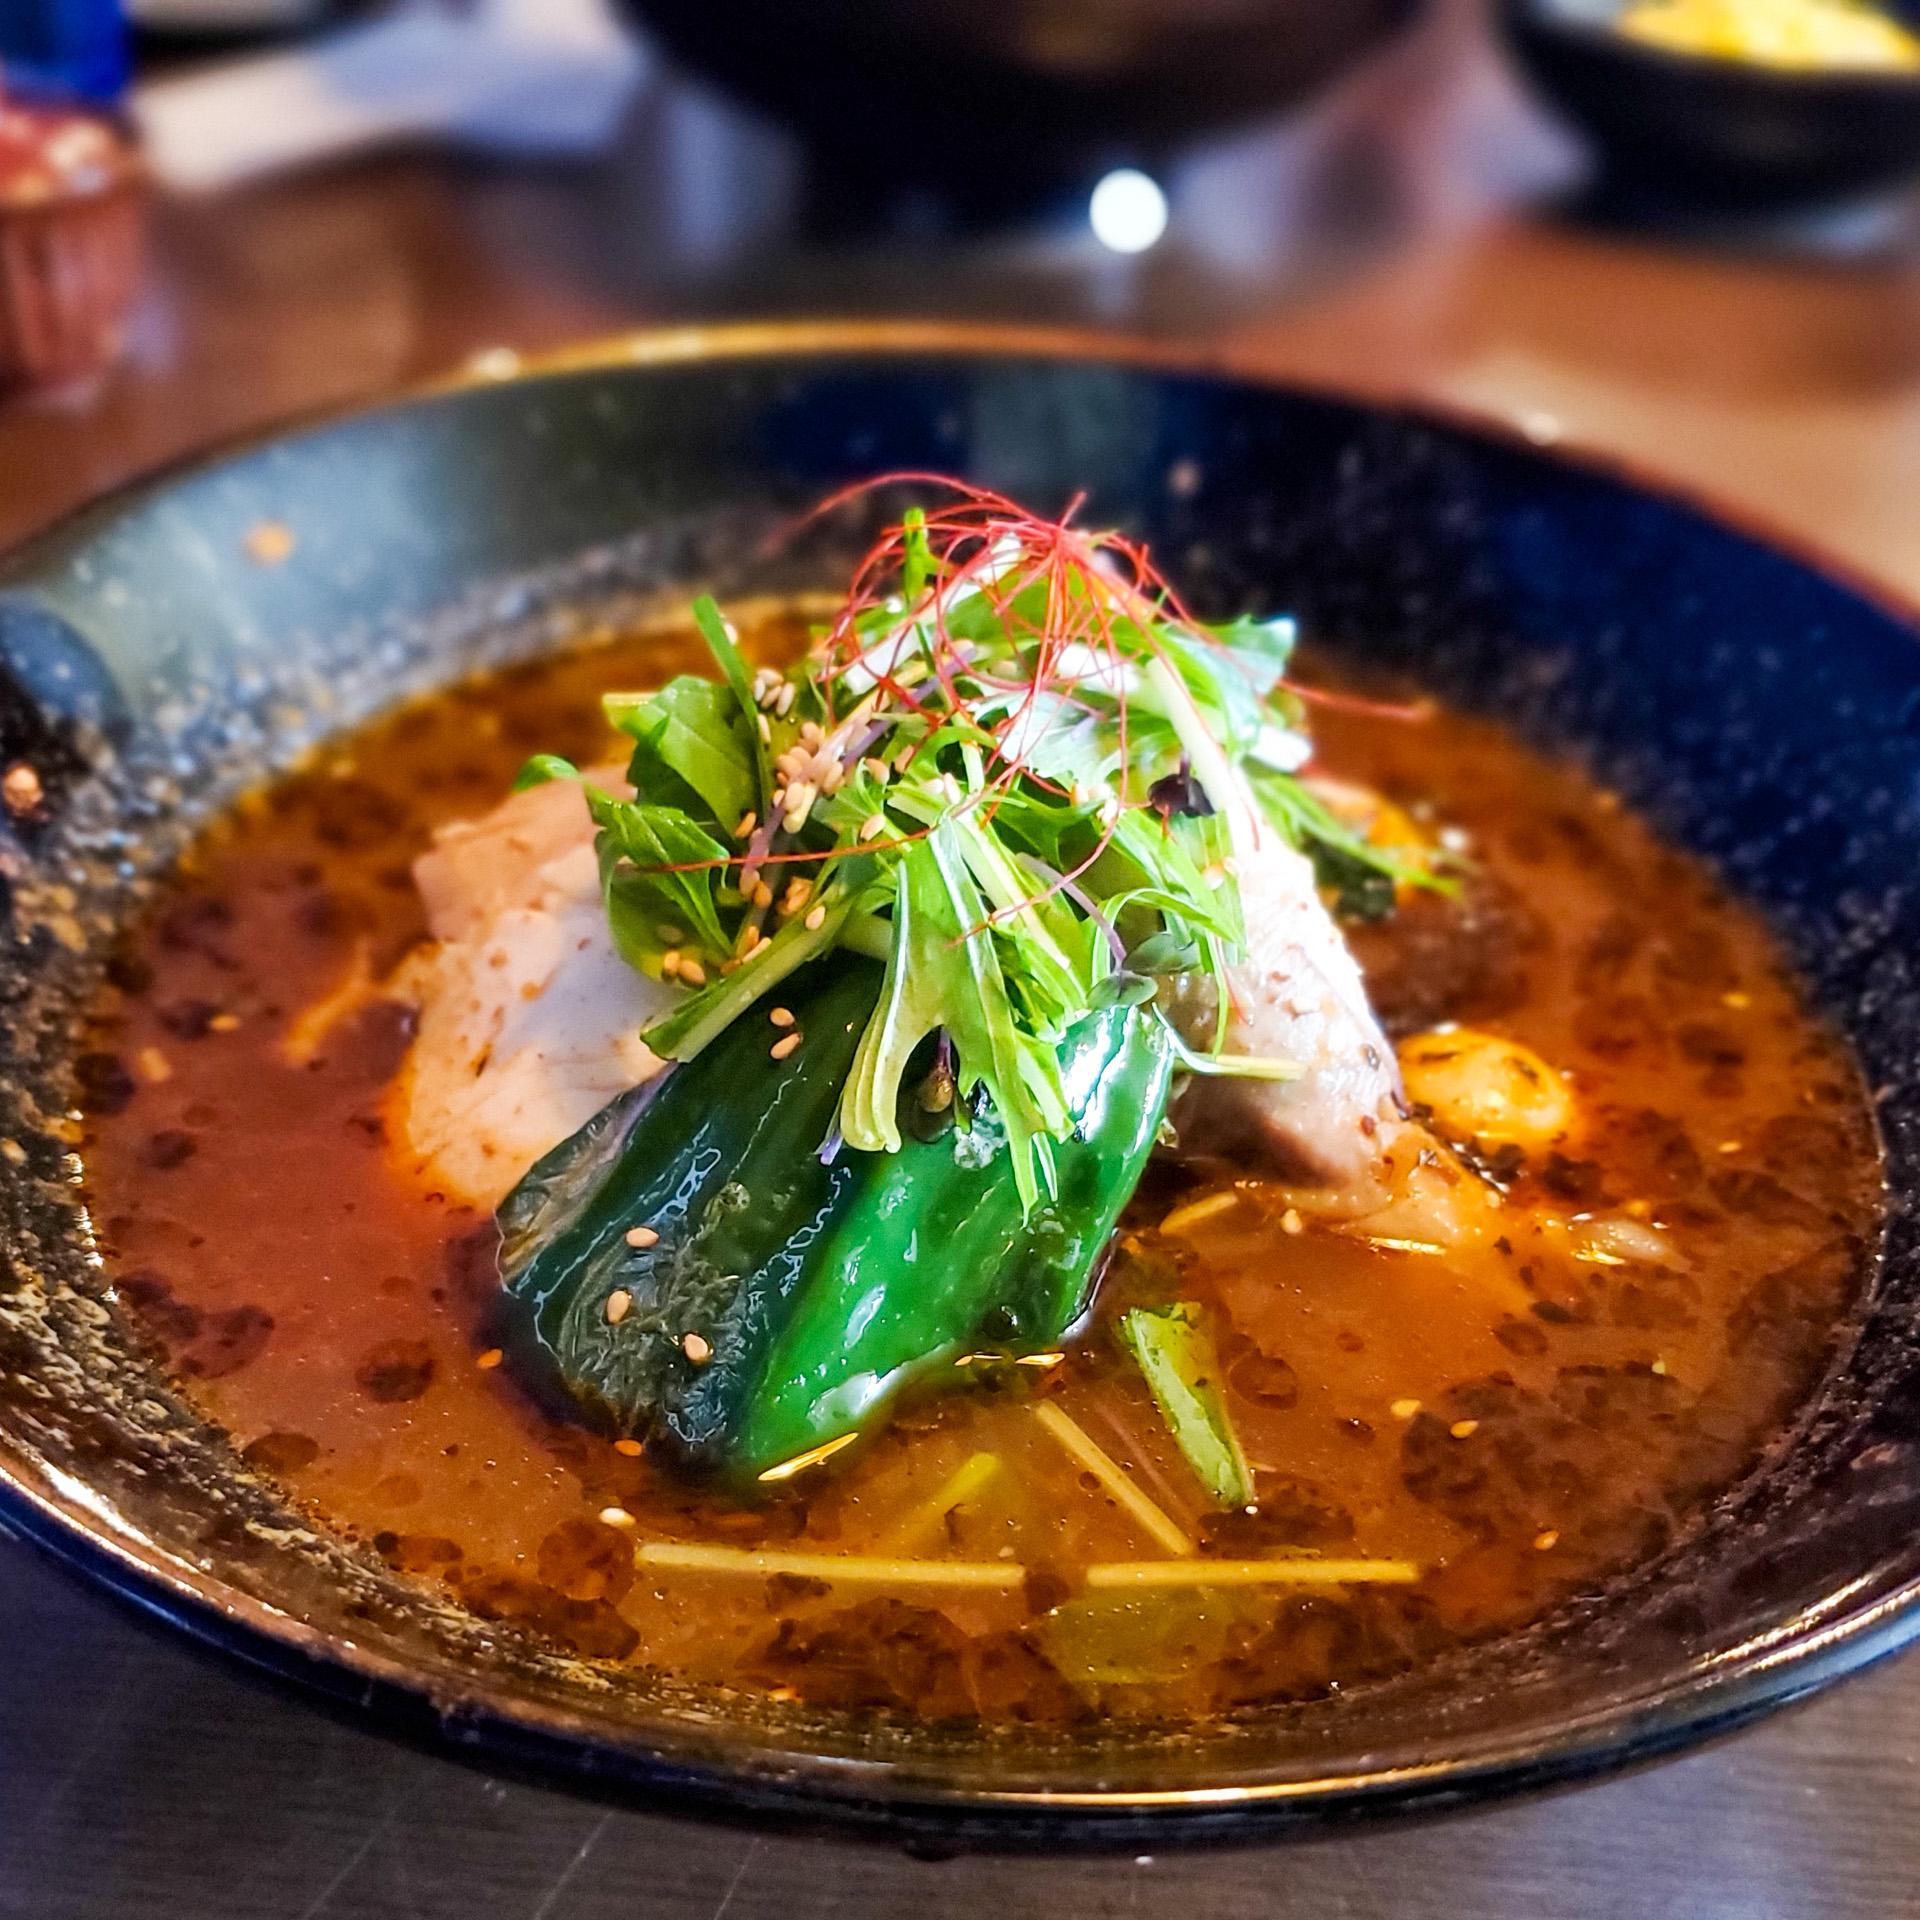 7月にオープン!日本料理店がプロデュースしたスープカレー店「NAVY'S(ネイビーズ)」 9